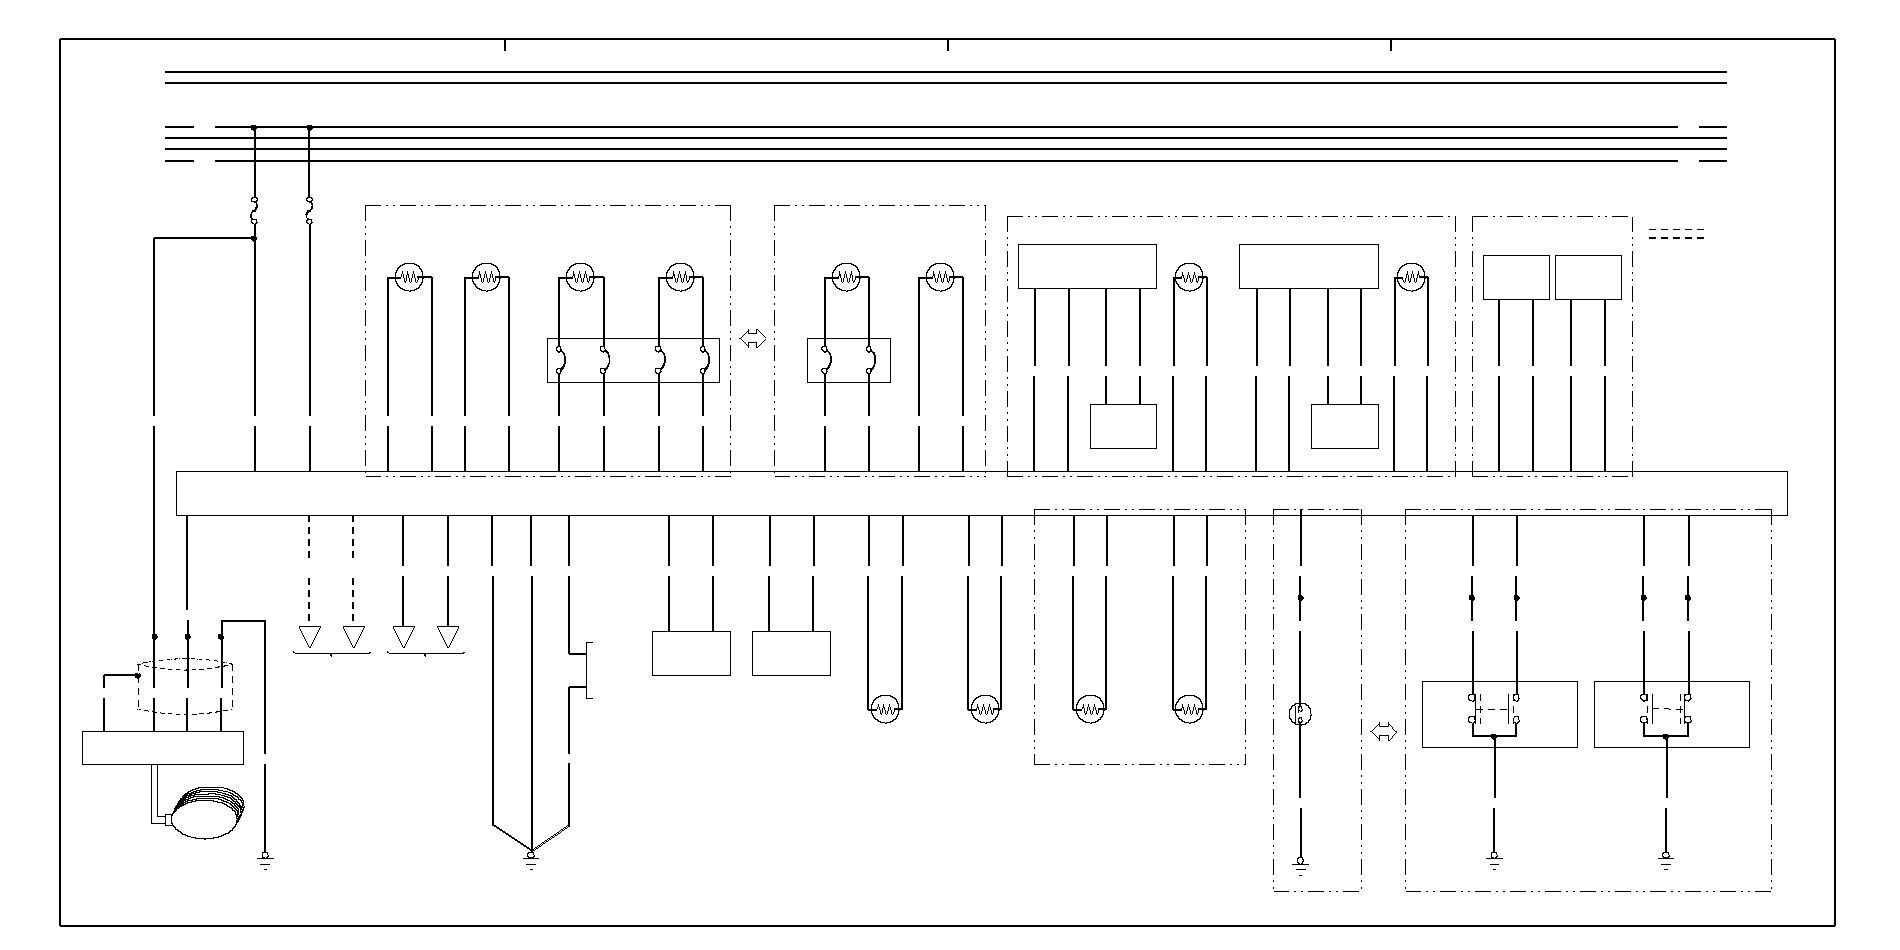 [DIAGRAM] Renault Laguna 2007 User Wiring Diagram FULL